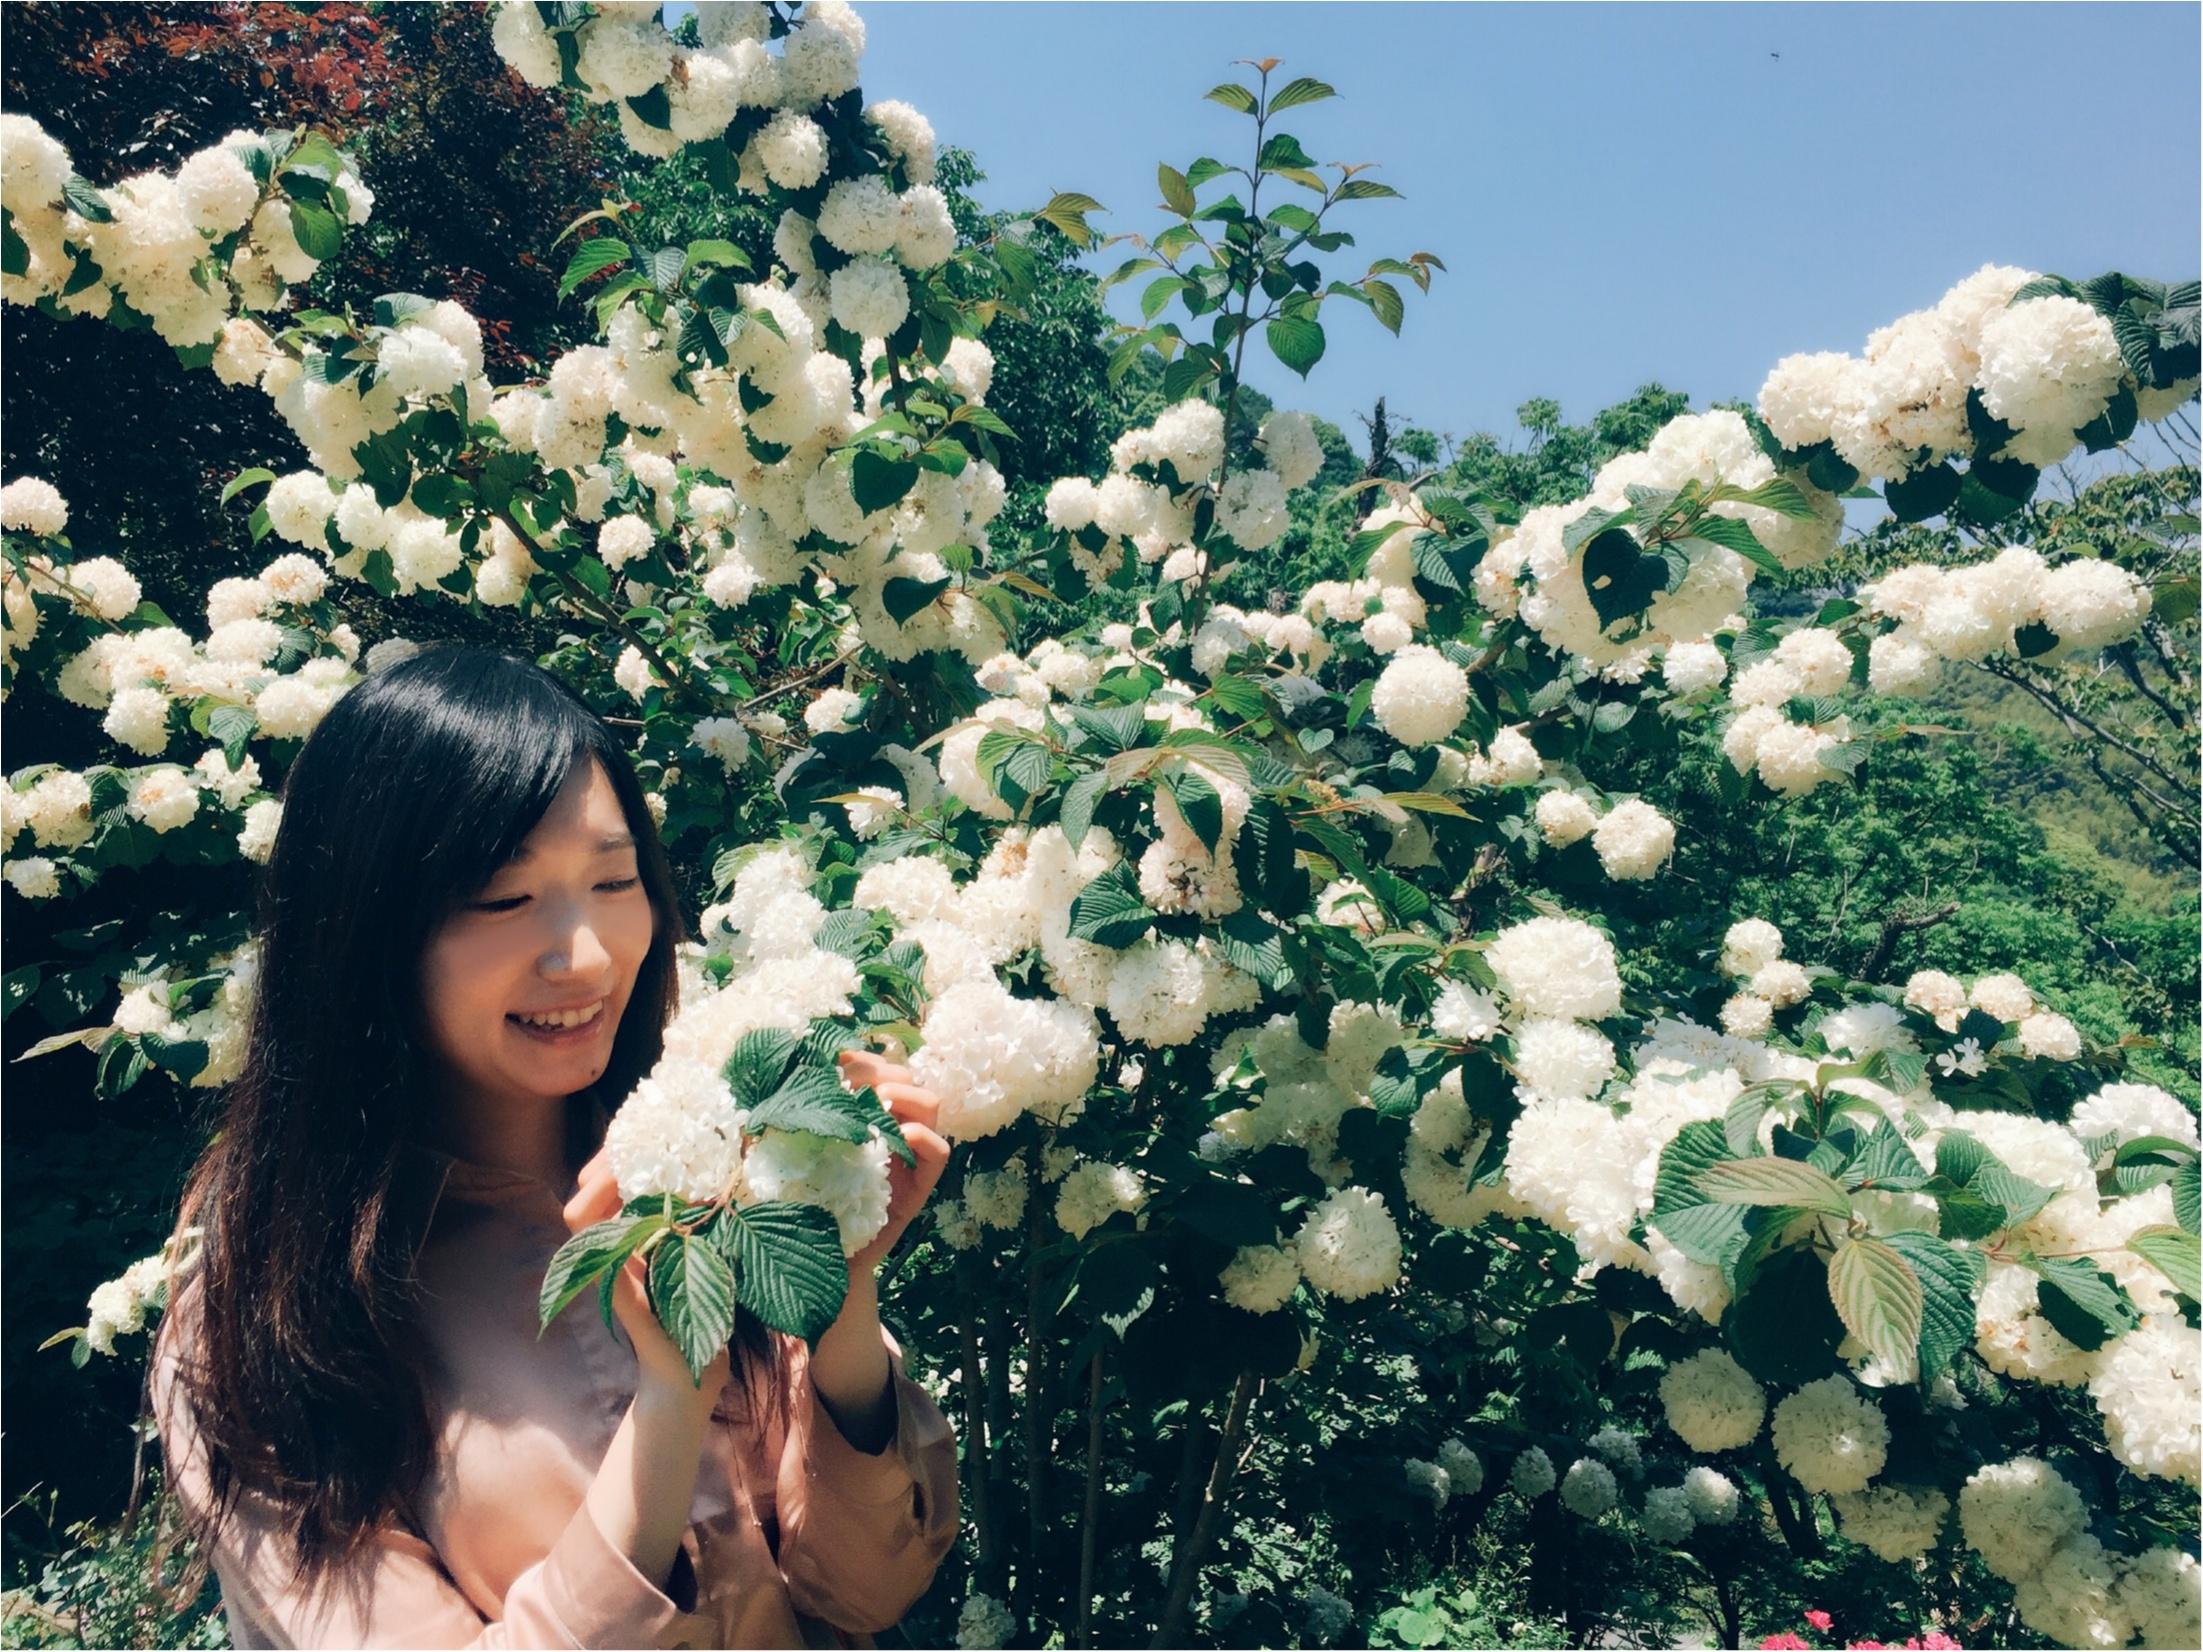 【お出掛けスポットin熱海】今が見頃のローズガーデン!薔薇のトンネルにうっとり…♡_16